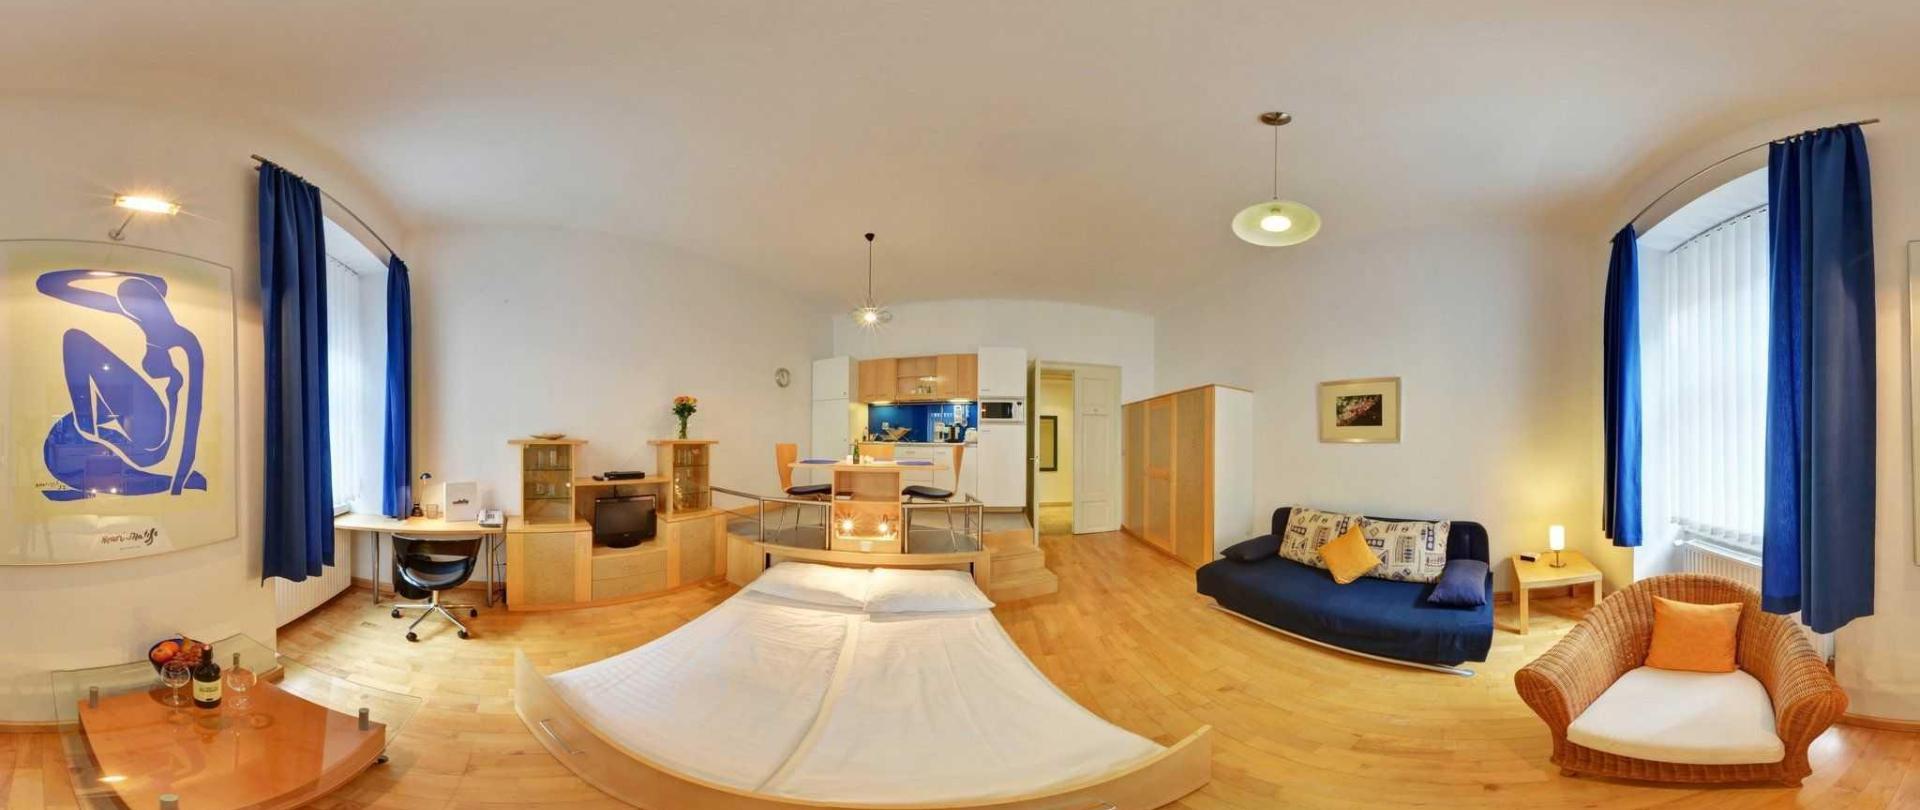 gal_apartments_vienna_zimmer_213.jpg